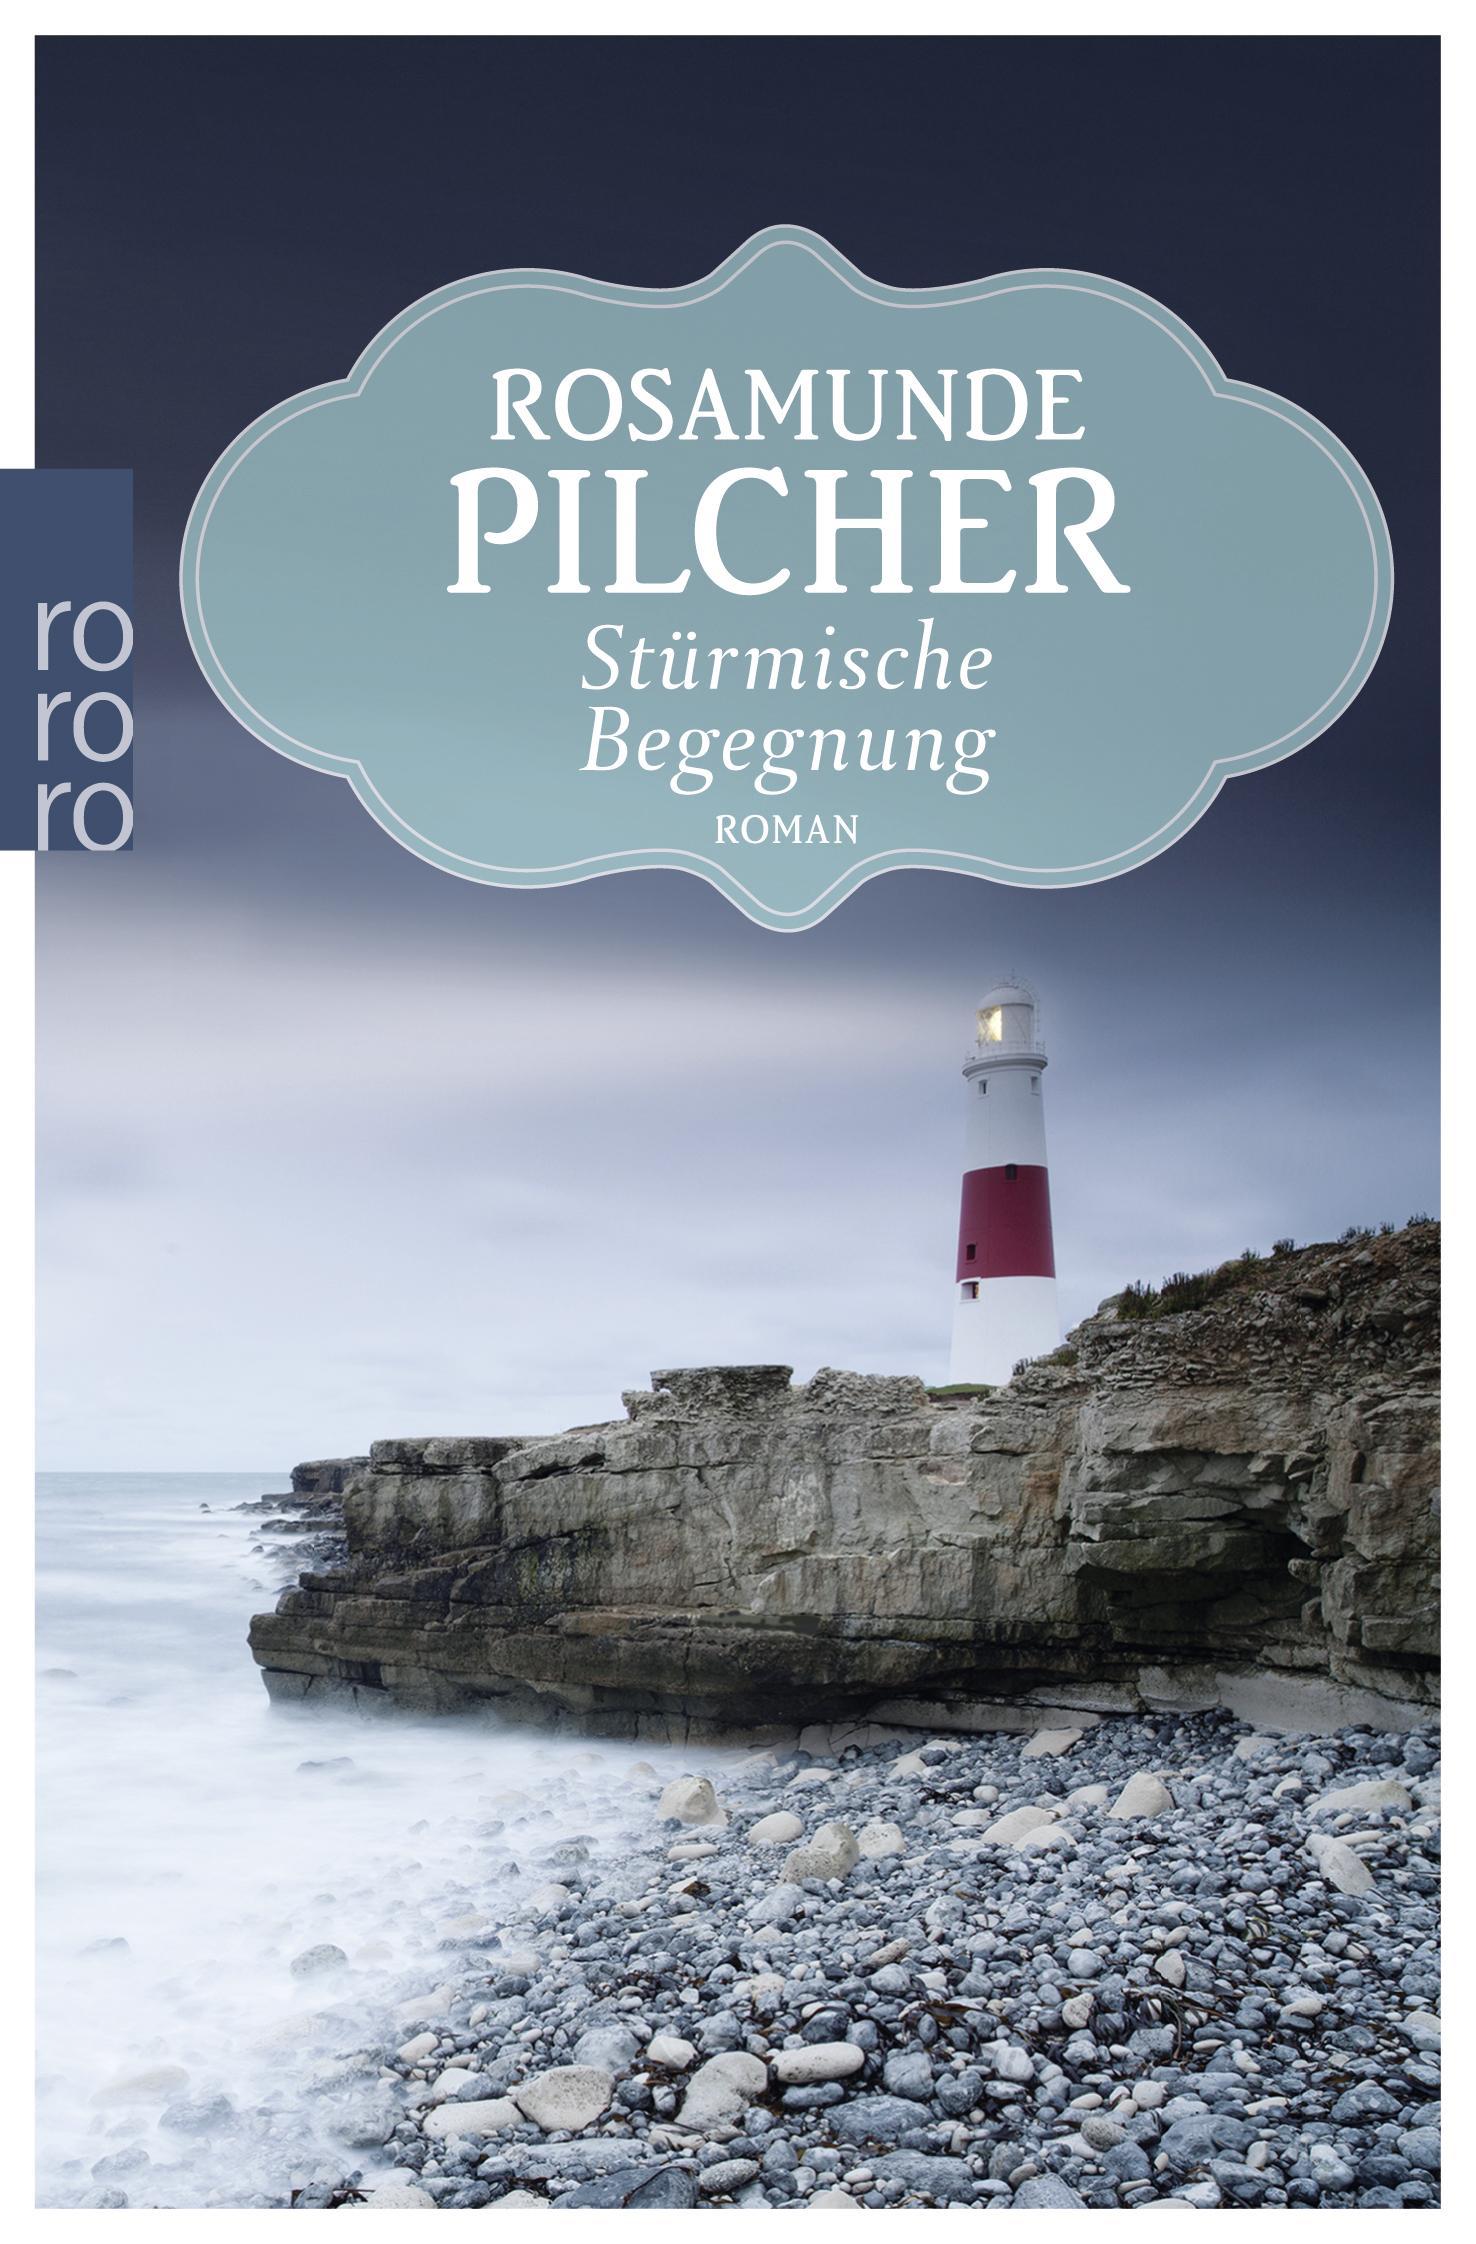 Stürmische Begegnung Rosamunde Pilcher